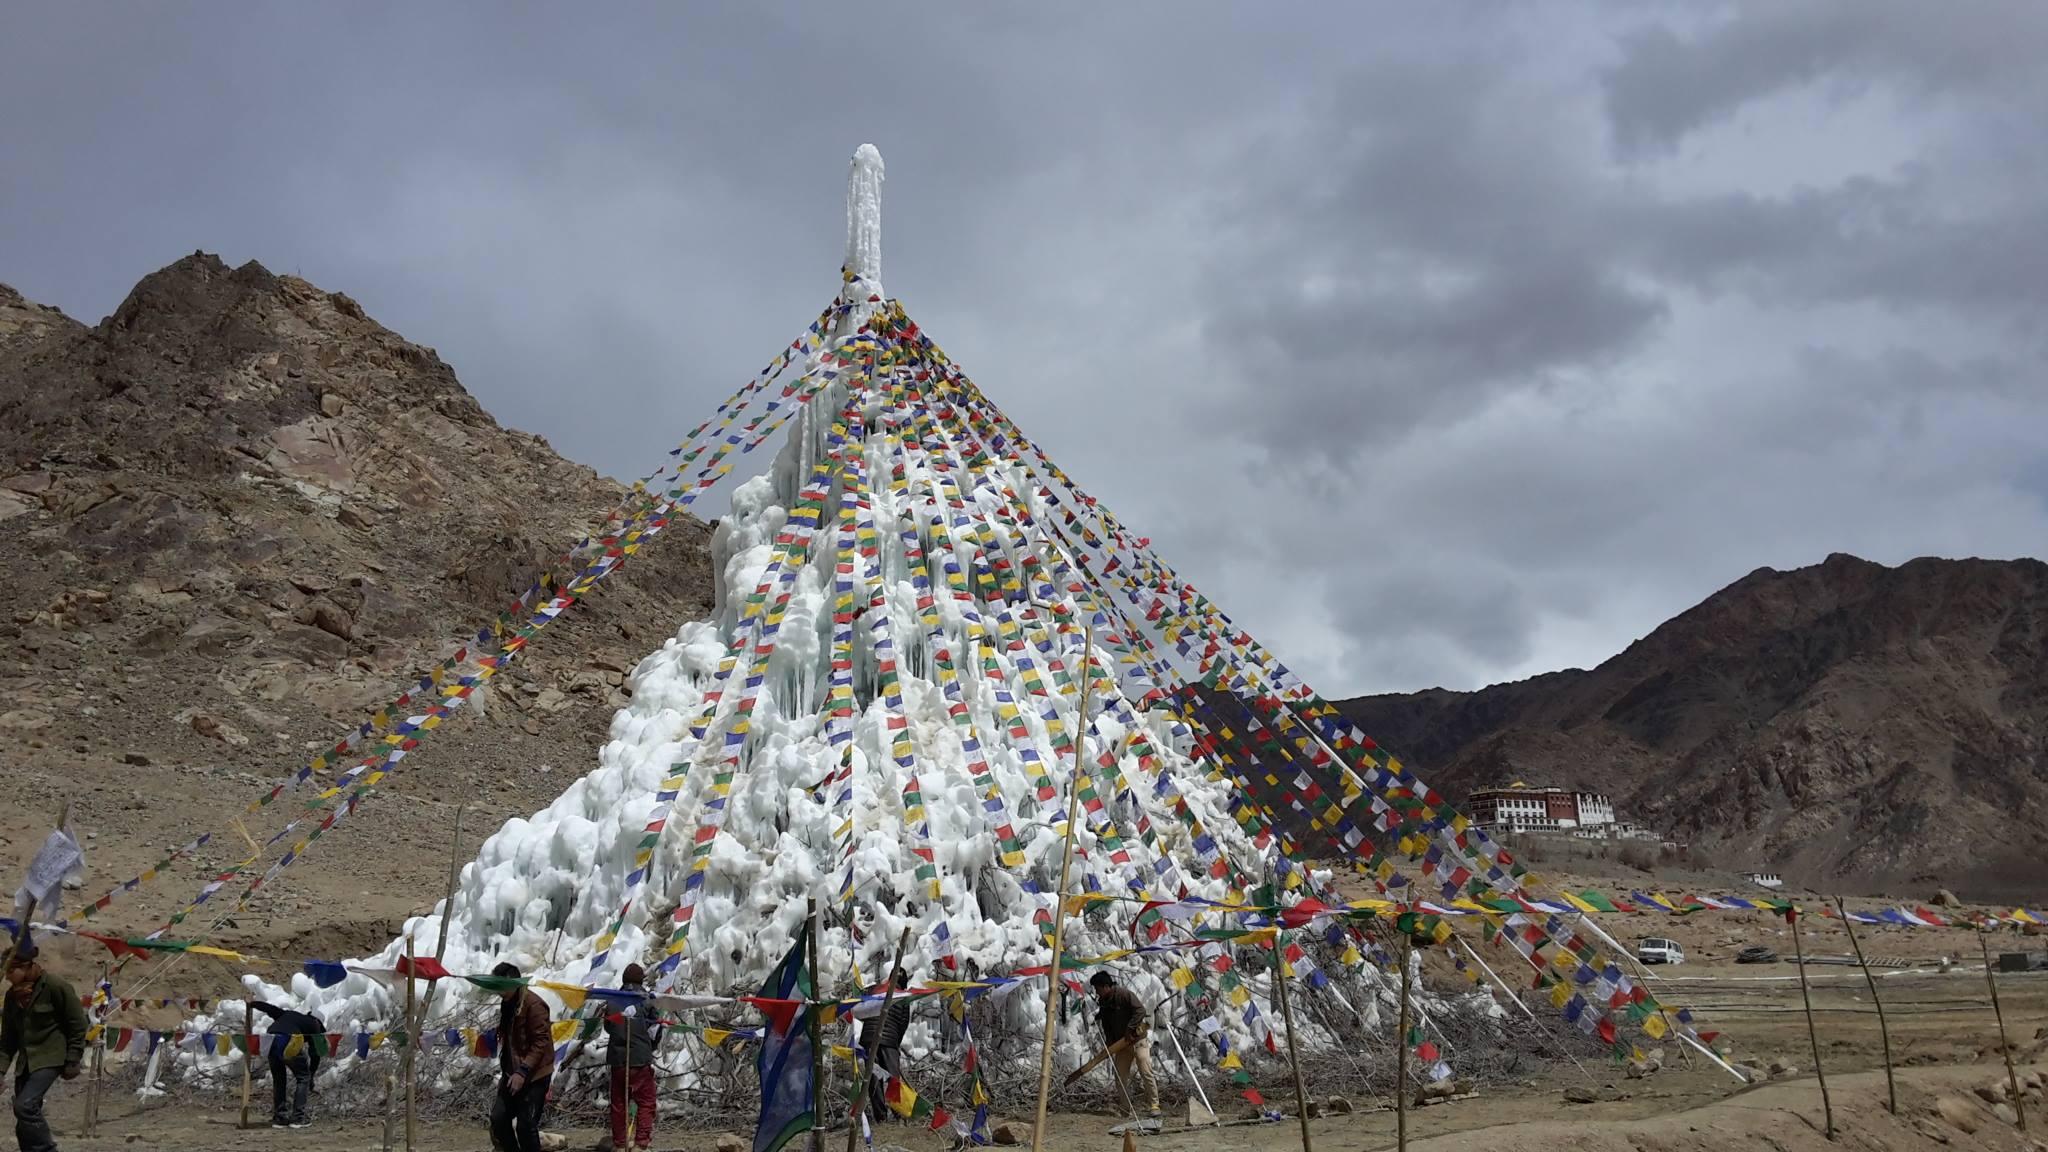 Stupa es solusi atasi krisis air di Ladkah, India